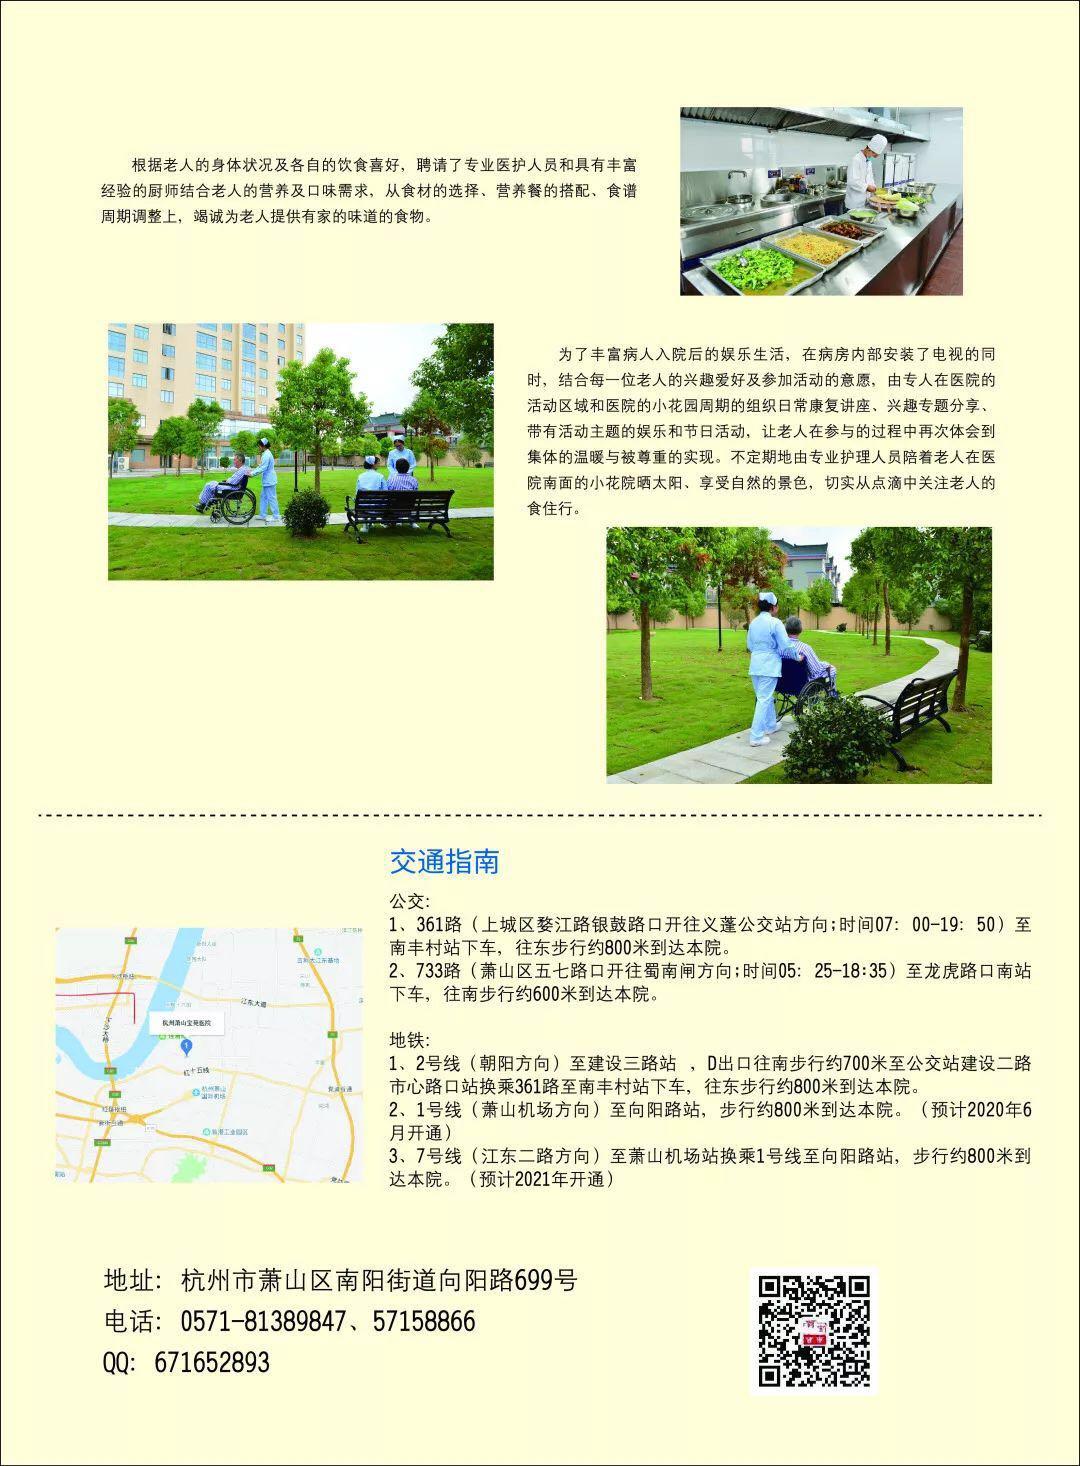 微信图片_20200304140429.jpg